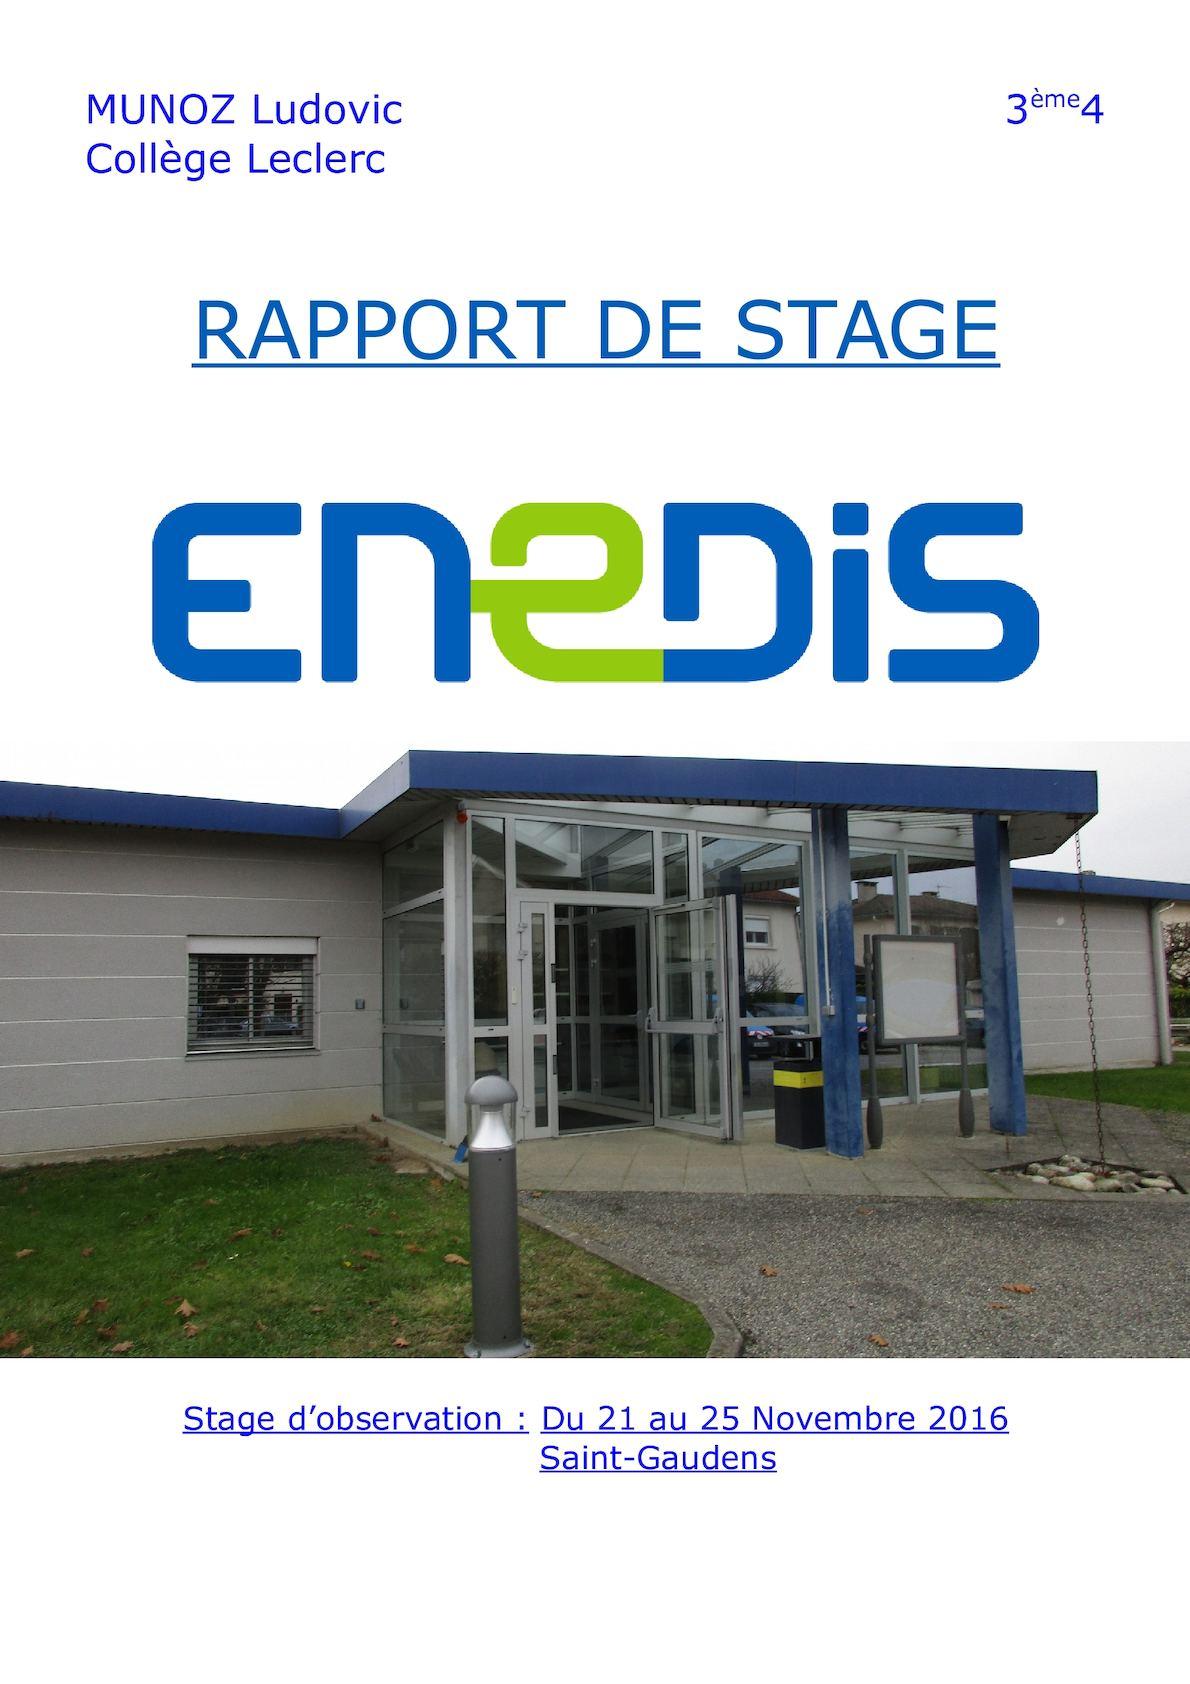 Exemple De Rapport De Stage Electrotechnique